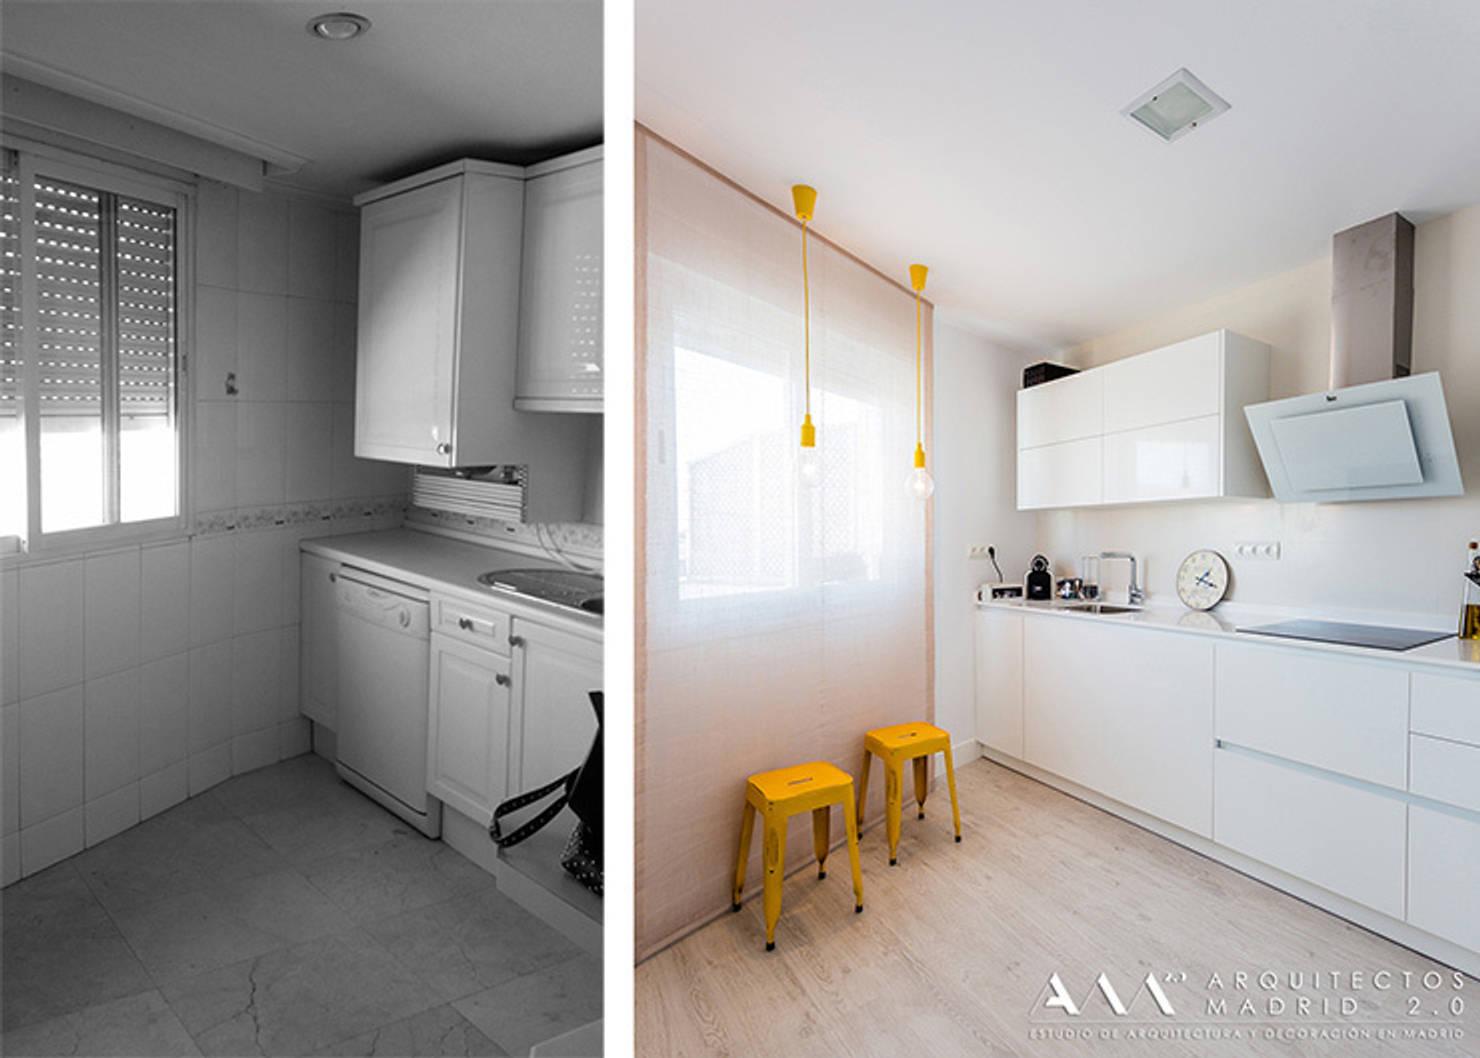 До и После: Отремонтированные кухни, среди которых могла быть и ваша